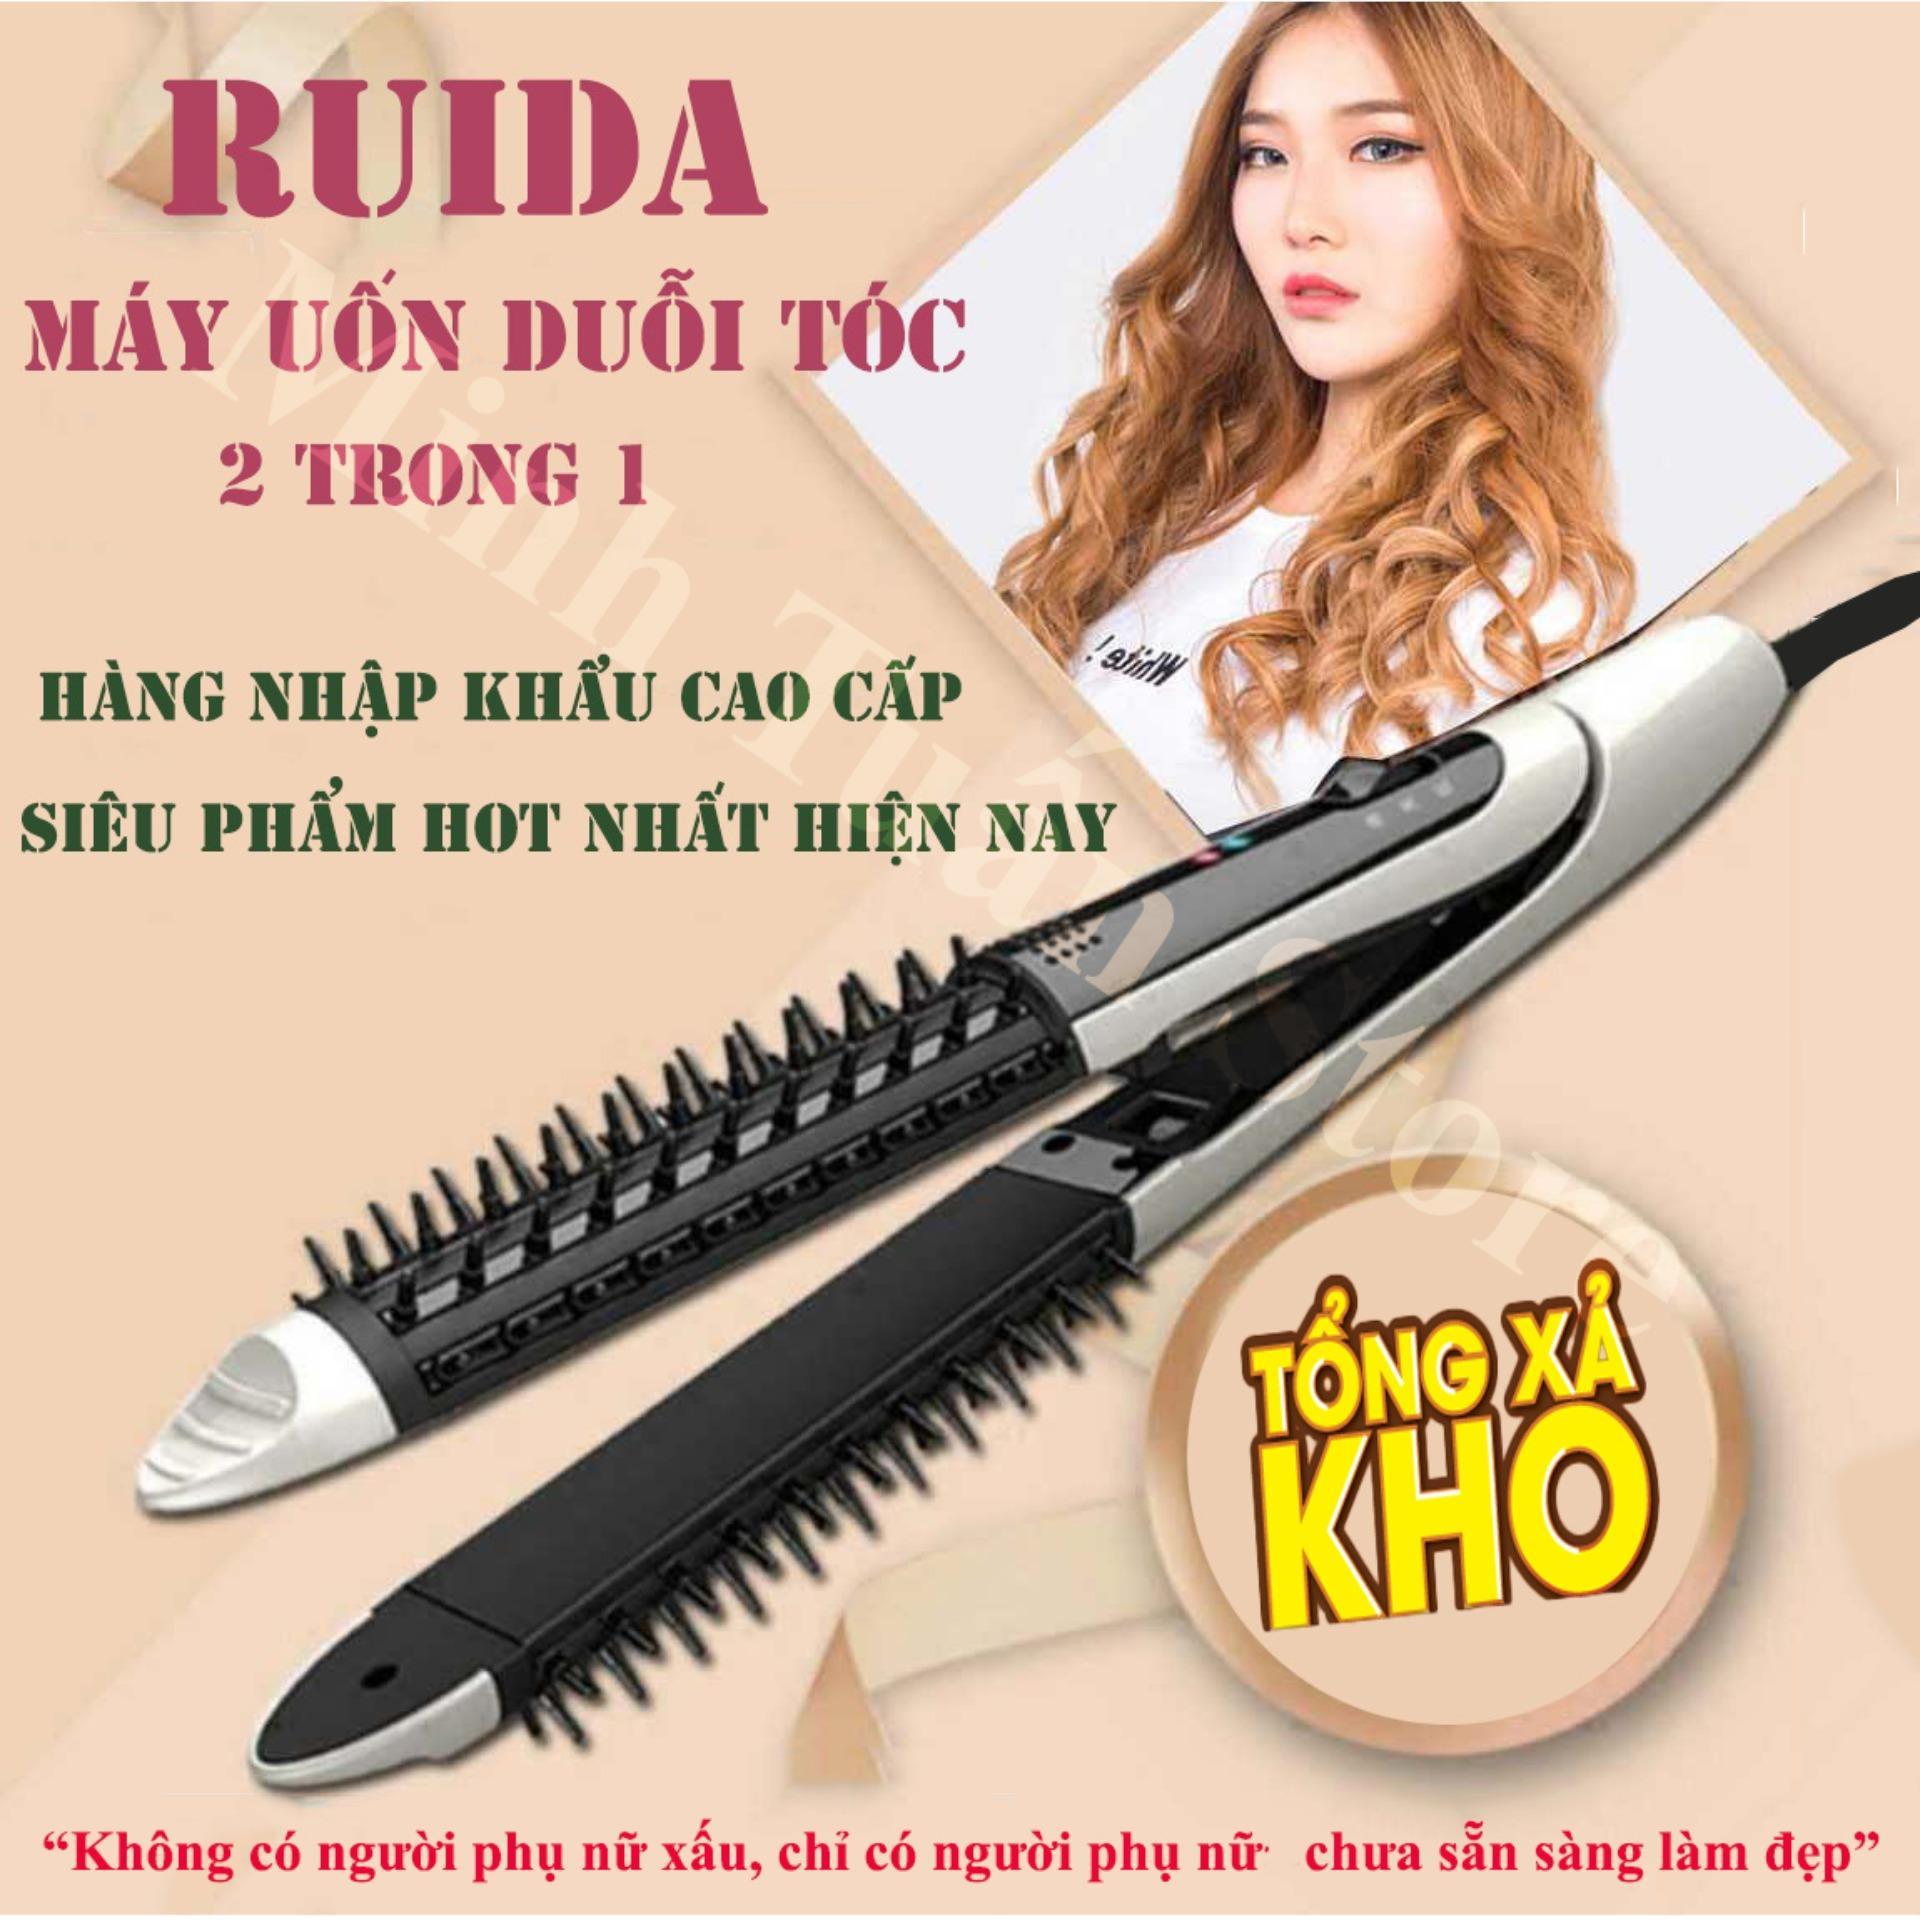 Lược điện đa năng Uốn Duỗi làm xoăn Bảo vệ tóc Thiết kế tại NHẬT BẢN JAPAN - Mua nhanh máy duỗi tóc chất lượng cao, giá tốt tại MinhTuan Store giá rẻ